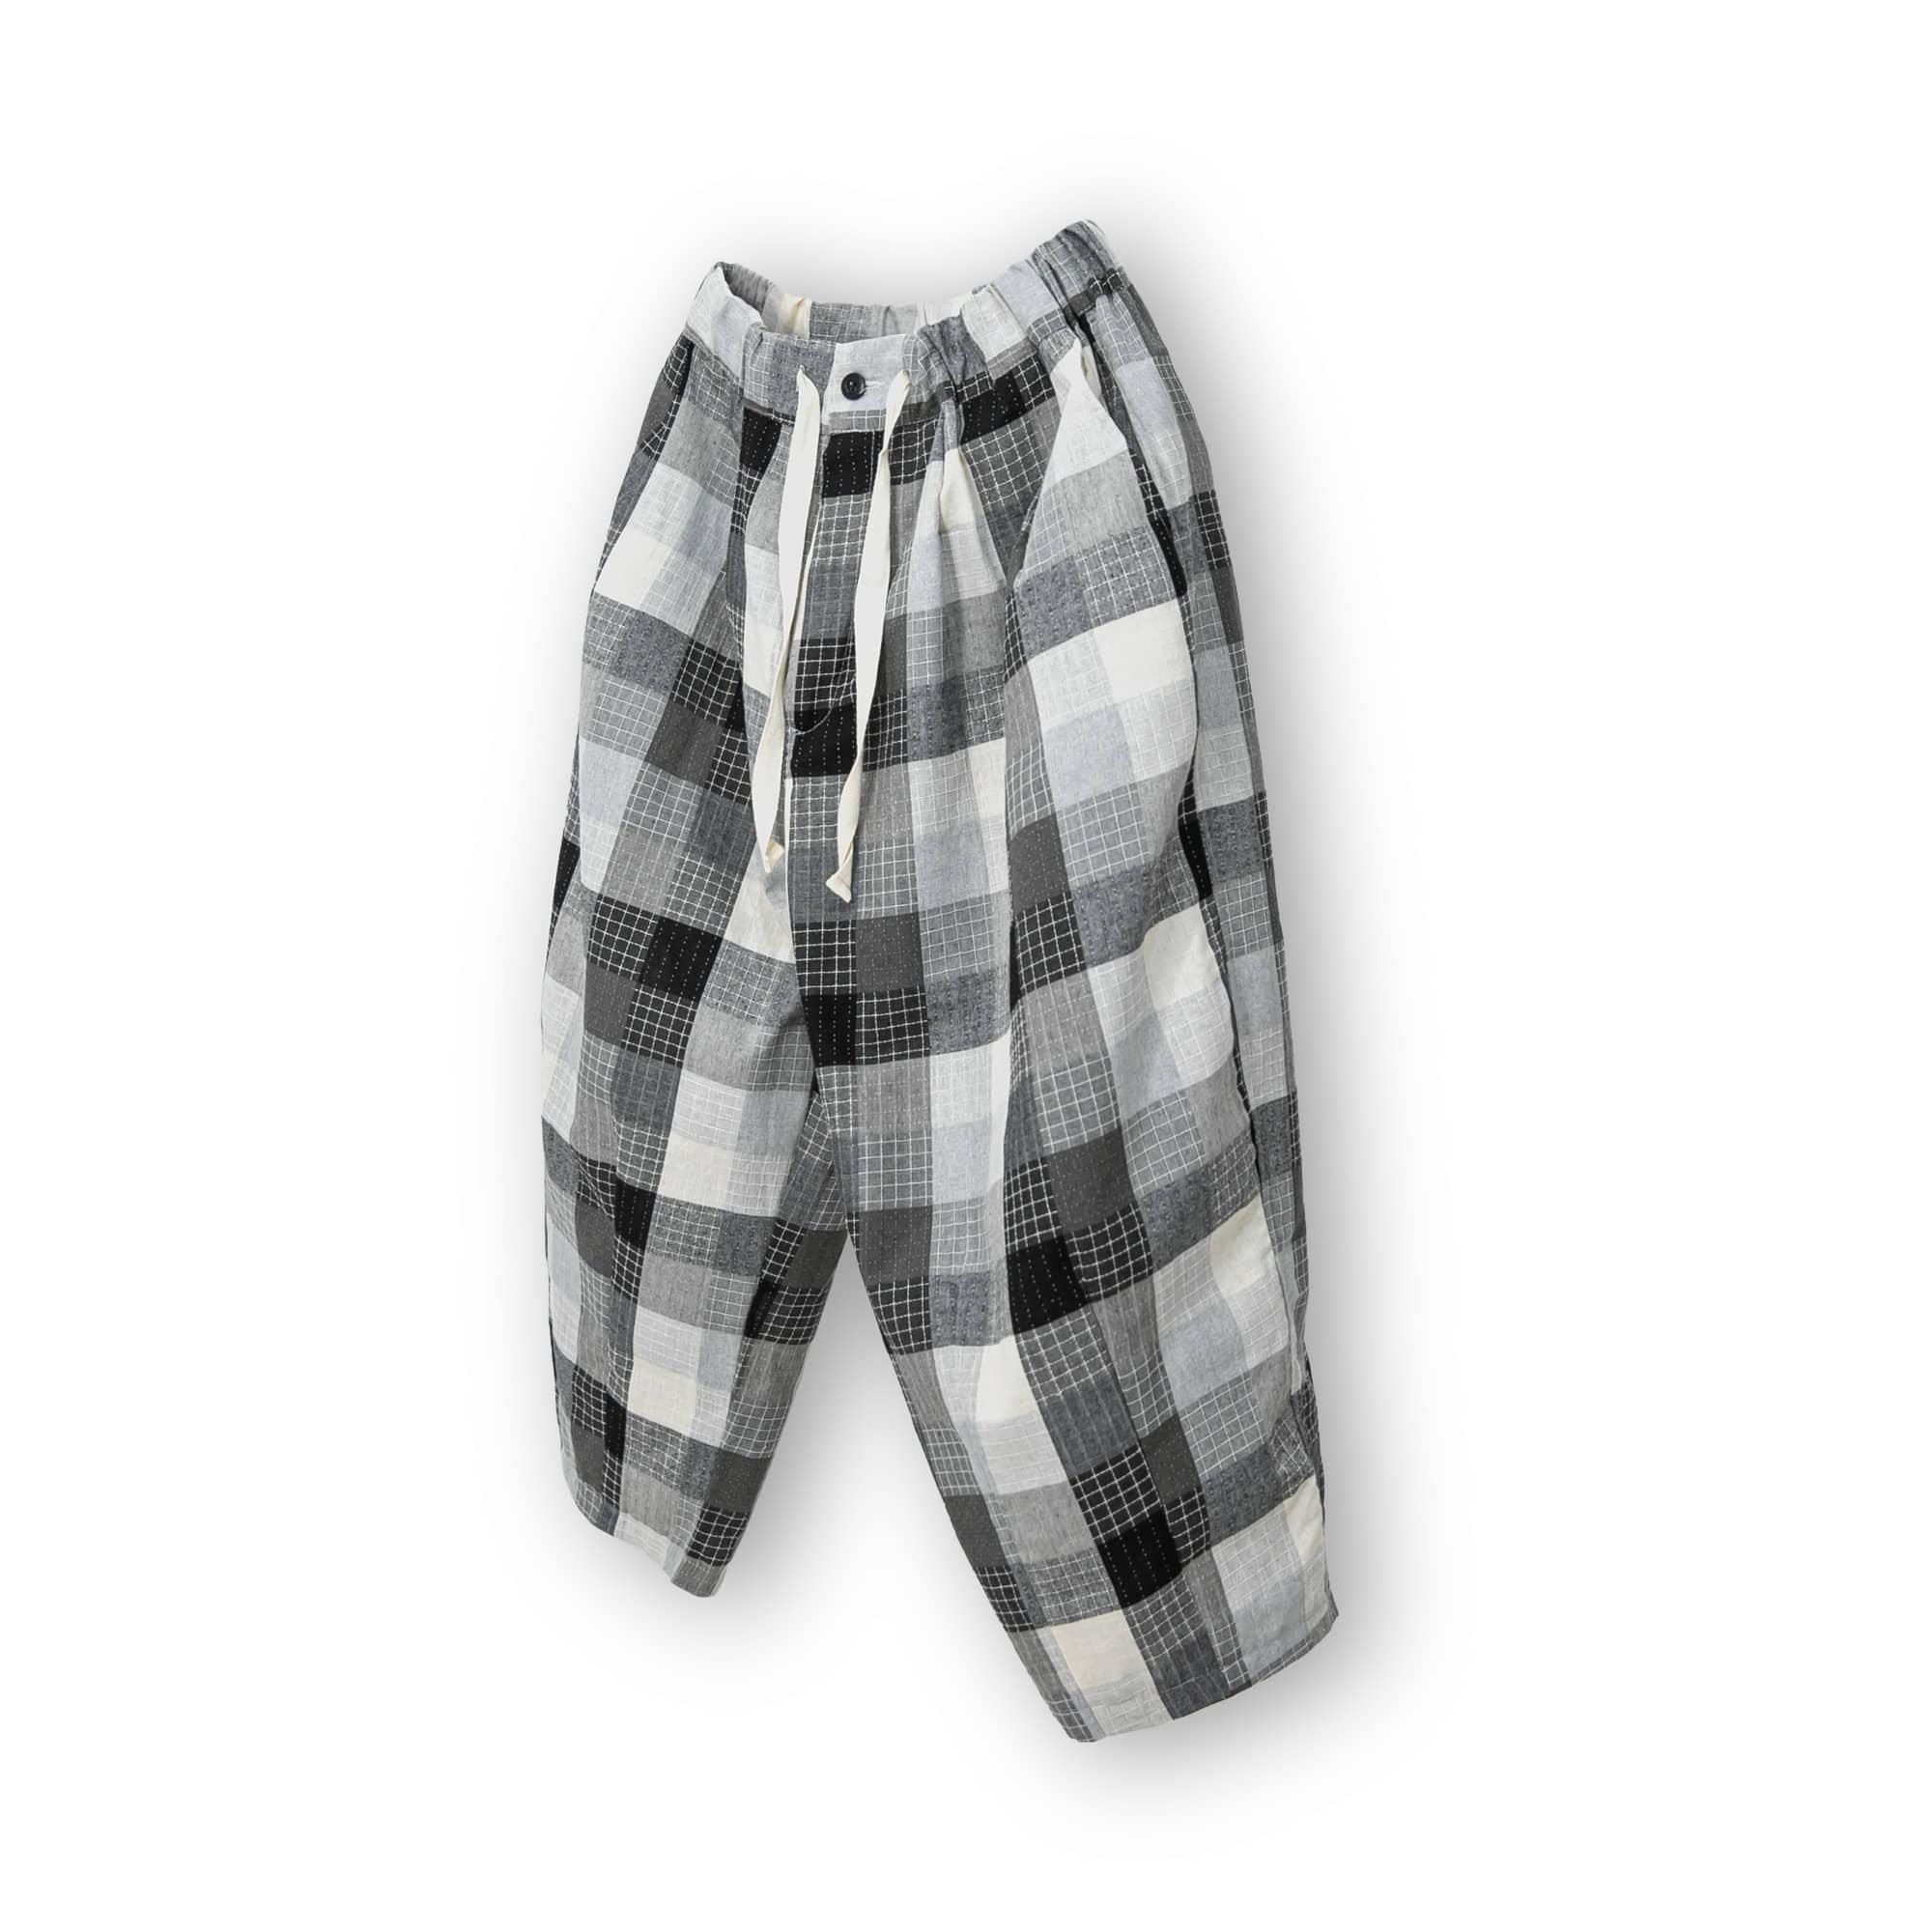 Palette Check Balloon Pants - Black